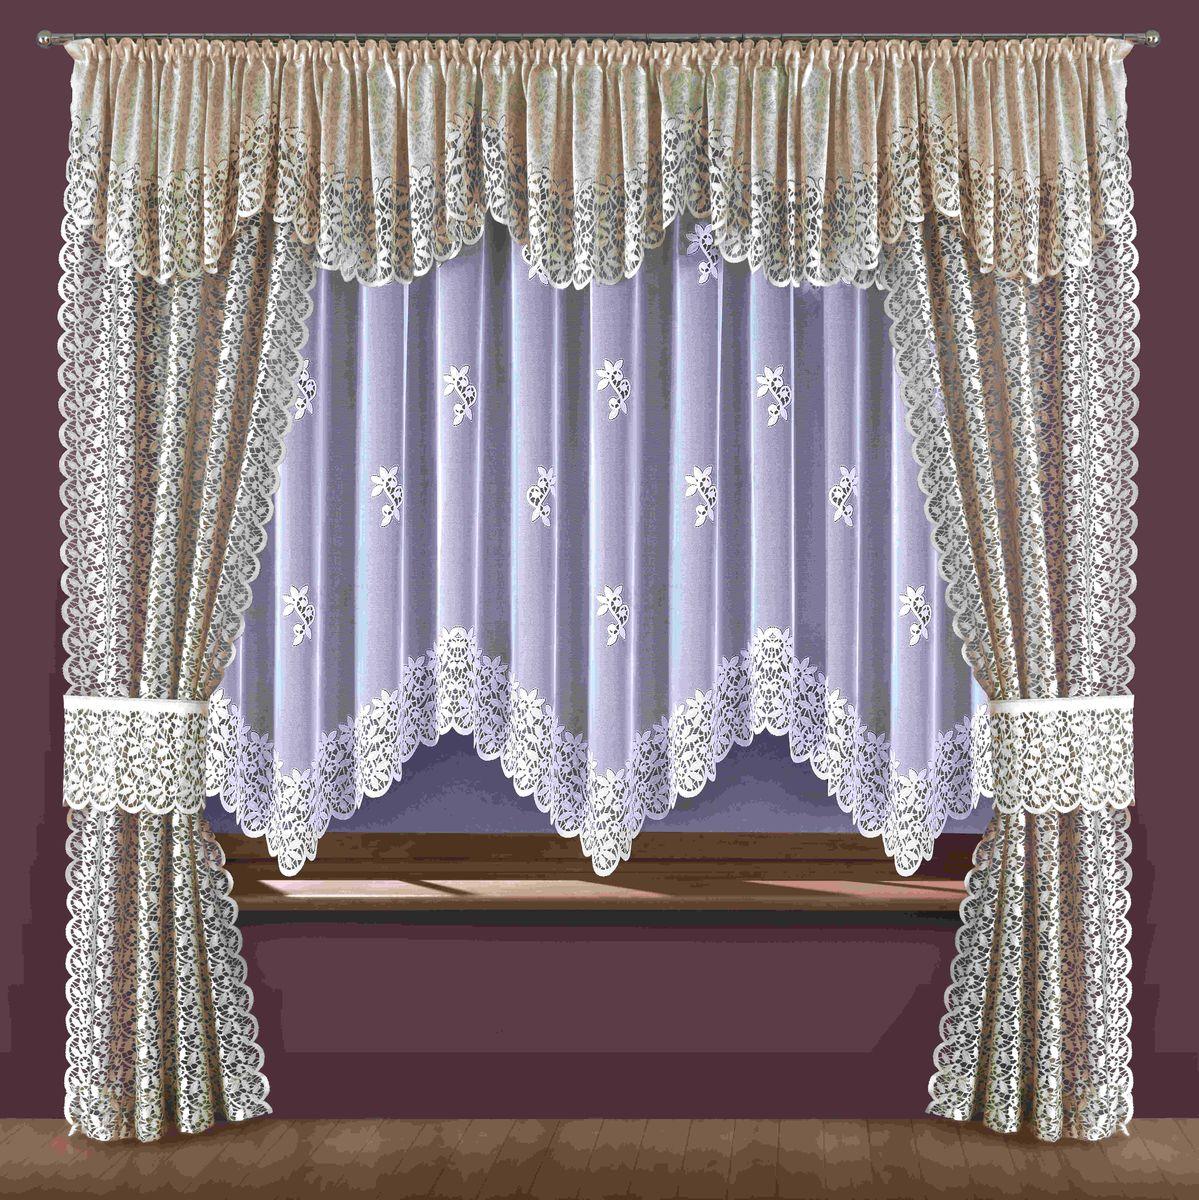 Комплект штор для кухни Wisan Ewodia, на ленте, цвет: белый, бежевый, высота 250 см199WКомплект штор Wisan Ewodia, выполненный из полиэстера, великолепно украсит кухонное окно. Тонкое плетение, оригинальный дизайн привлекут к себе внимание и органично впишутся в интерьер. В комплект входят 2 шторы, тюль, ламбрекен и 2 подхвата. Кружевной узор придает комплекту особый стиль и шарм. Тонкое плетение, нежная цветовая гамма и роскошное исполнение - все это делает шторы Wisan Ewodia замечательным дополнением интерьера помещения. Шторы оснащены шторной лентой для красивой сборки. В комплект входит: Штора - 2 шт. Размер (ШхВ): 120 см х 250 см. Тюль - 1 шт. Размер (ШхВ): 360 см х 180 см. Ламбрекен - 1 шт. Размер (ШхВ): 500 см х 55 см. Подхват - 2 шт. Фирма Wisan на польском рынке существует уже более пятидесяти лет и является одной из лучших польских фабрик по производству штор и тканей. Ассортимент фирмы представлен готовыми комплектами штор для гостиной, детской, кухни, а также текстилем для кухни (скатерти,...